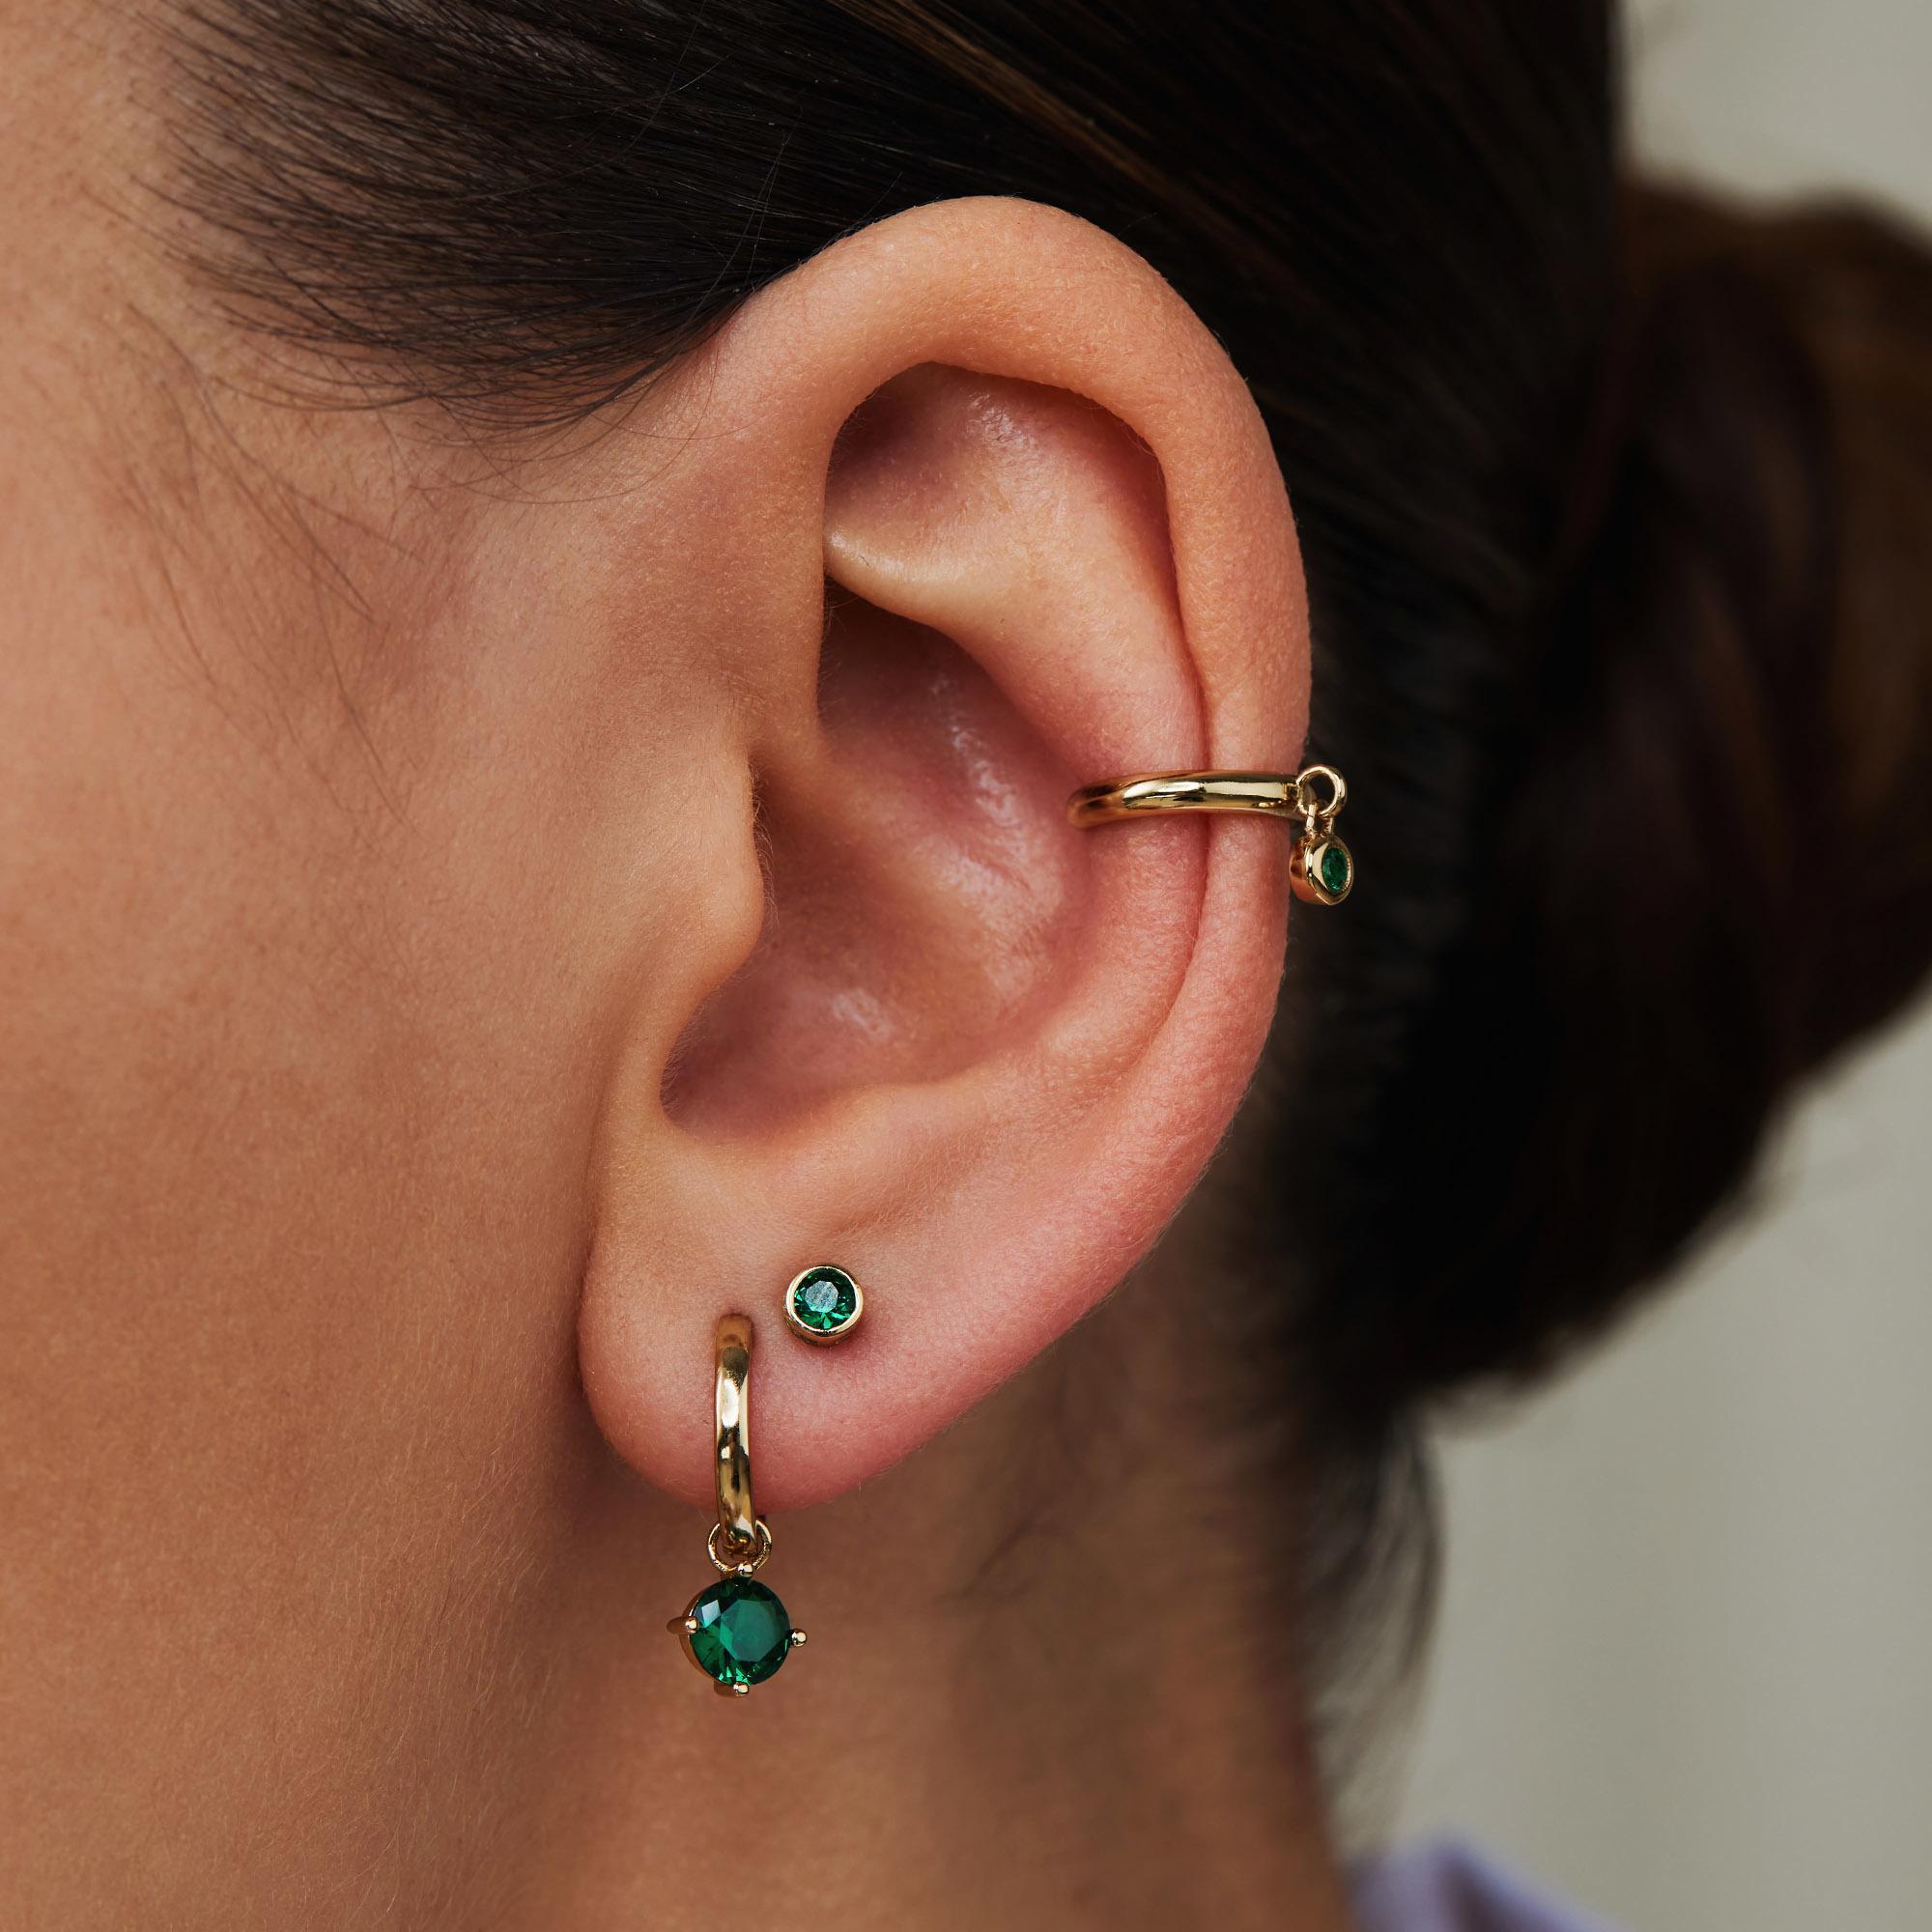 Violet Hamden Venus ear cuff couleur or en argent sterling 925 avec pierre de naissance